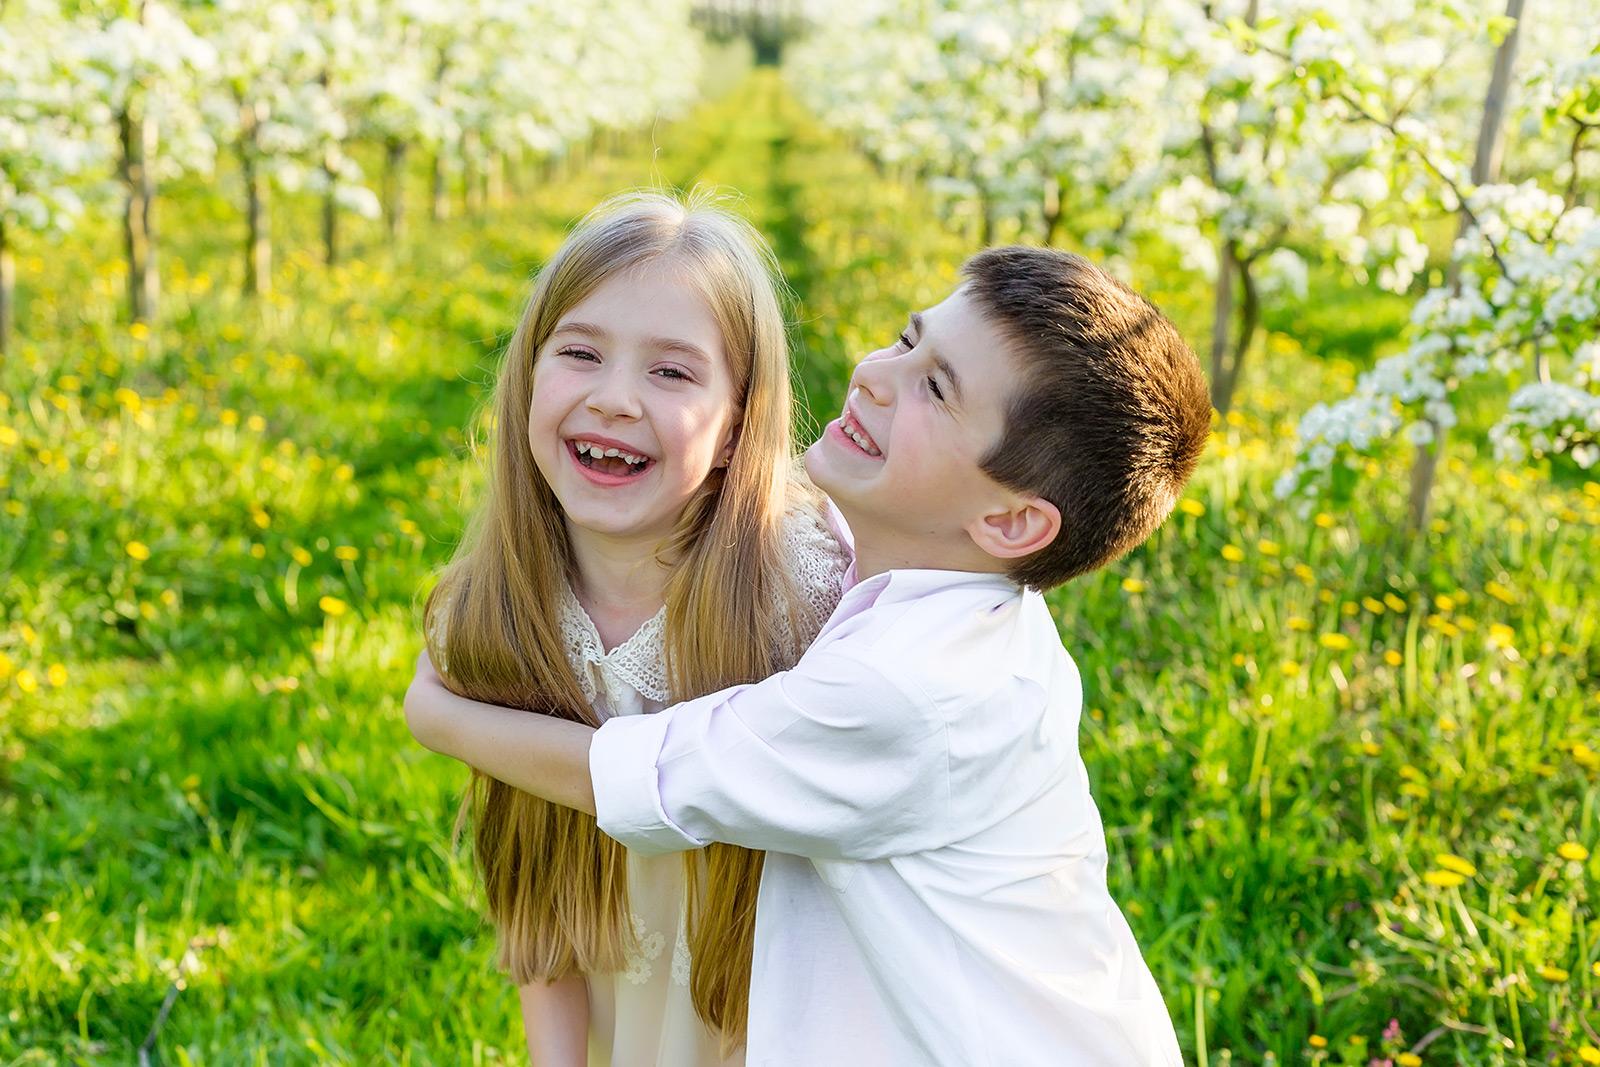 ילד צוחק מחבק ילדה צוחקת